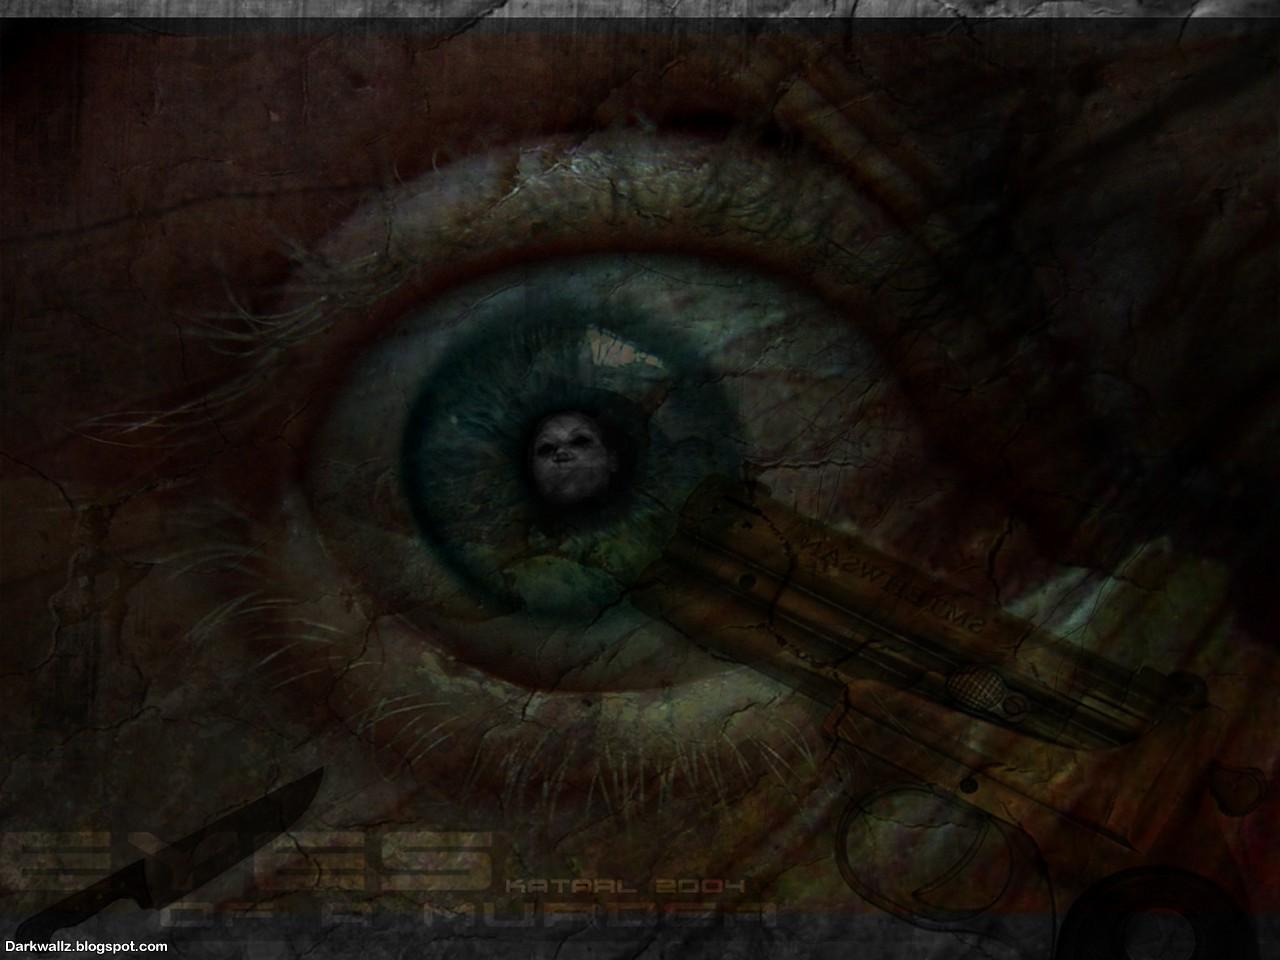 http://2.bp.blogspot.com/_-jo2ZCYhKaY/S2MYo6CJwHI/AAAAAAAAFWA/vF3ckLt-Lq0/s1600/Scary_Eyes_Wallpapers_16+(wallpapersbay.blogspot.com)+(darkwallz.blogspot.com).jpg